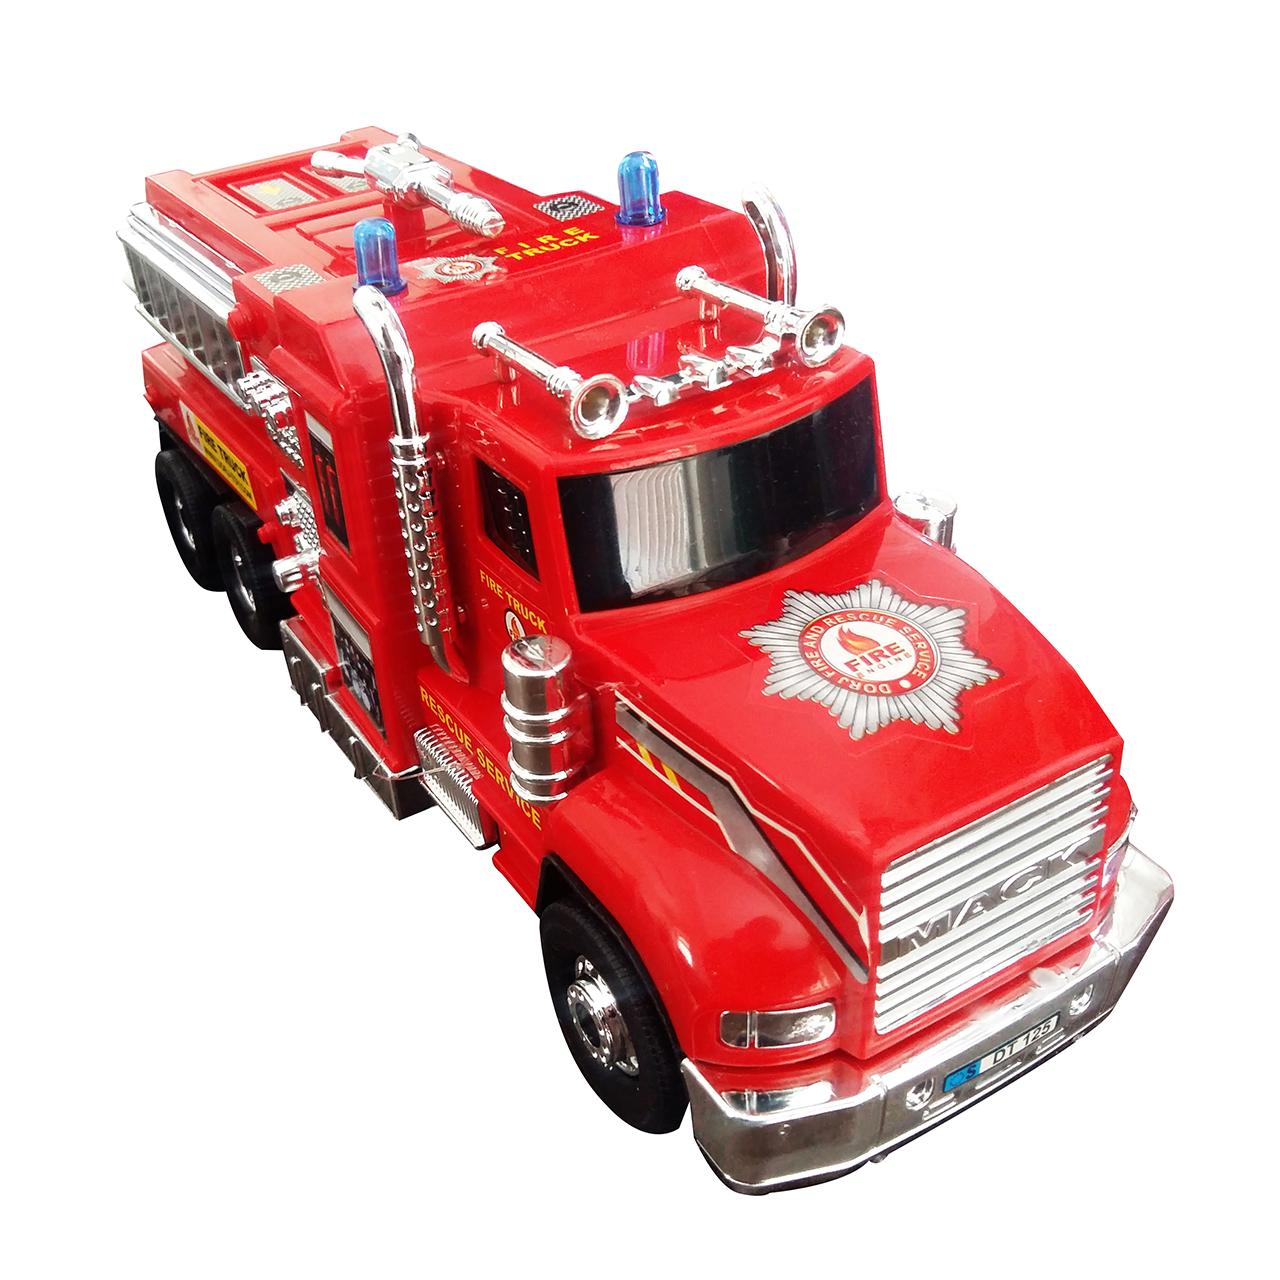 ماشین آتش نشانی قدرتی مدل DORJ TOY